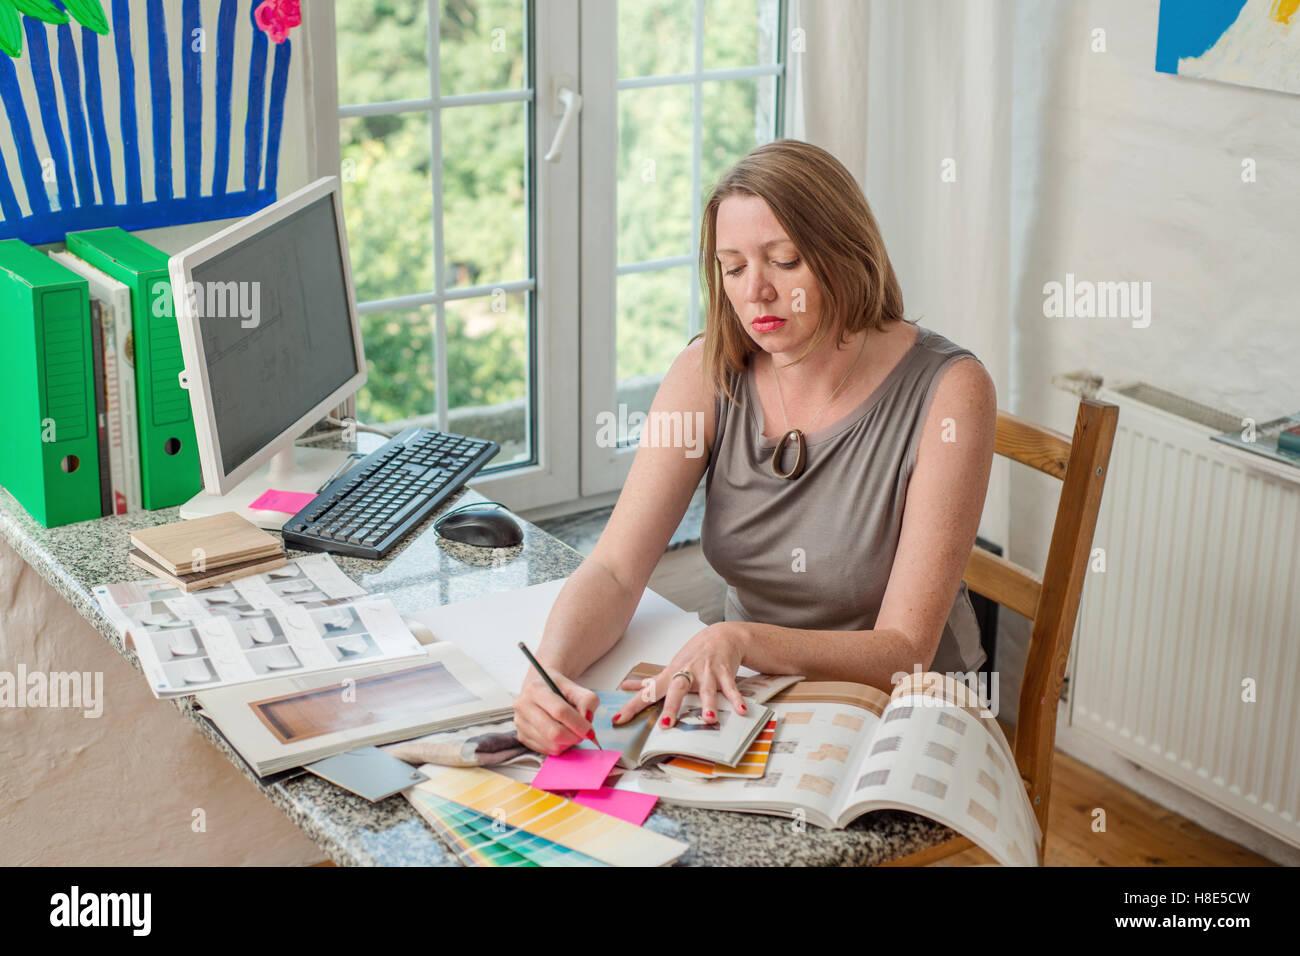 Junge Frau moderner Büroangestellter Stockbild